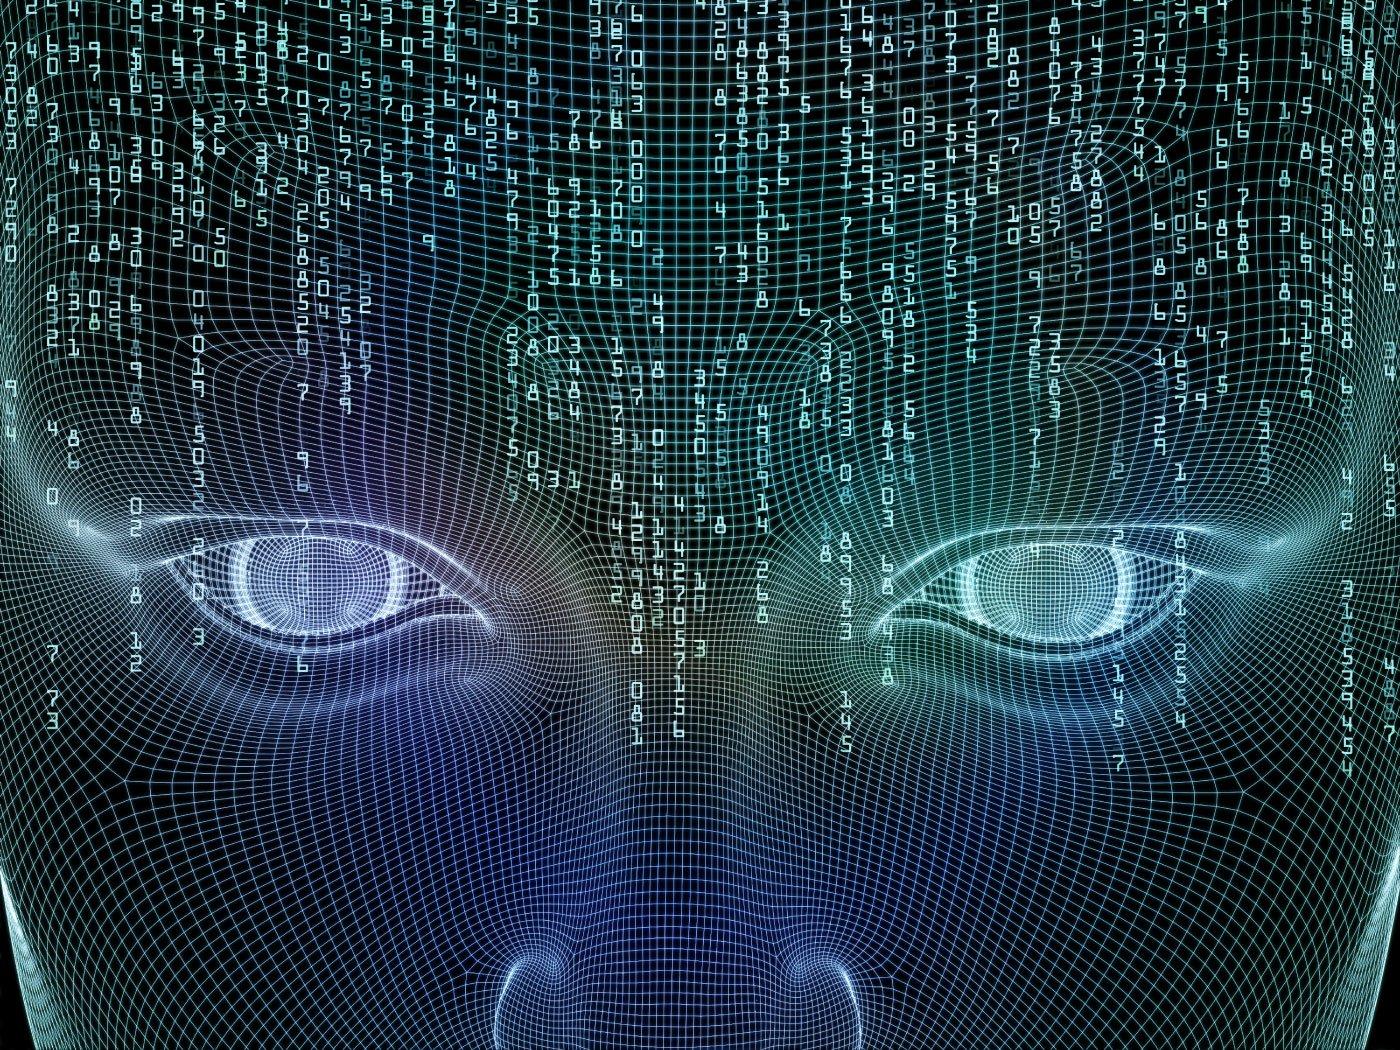 هوش مصنوعی چیست؟ + آینده ی هوش مصنوعی در زندگی بشر